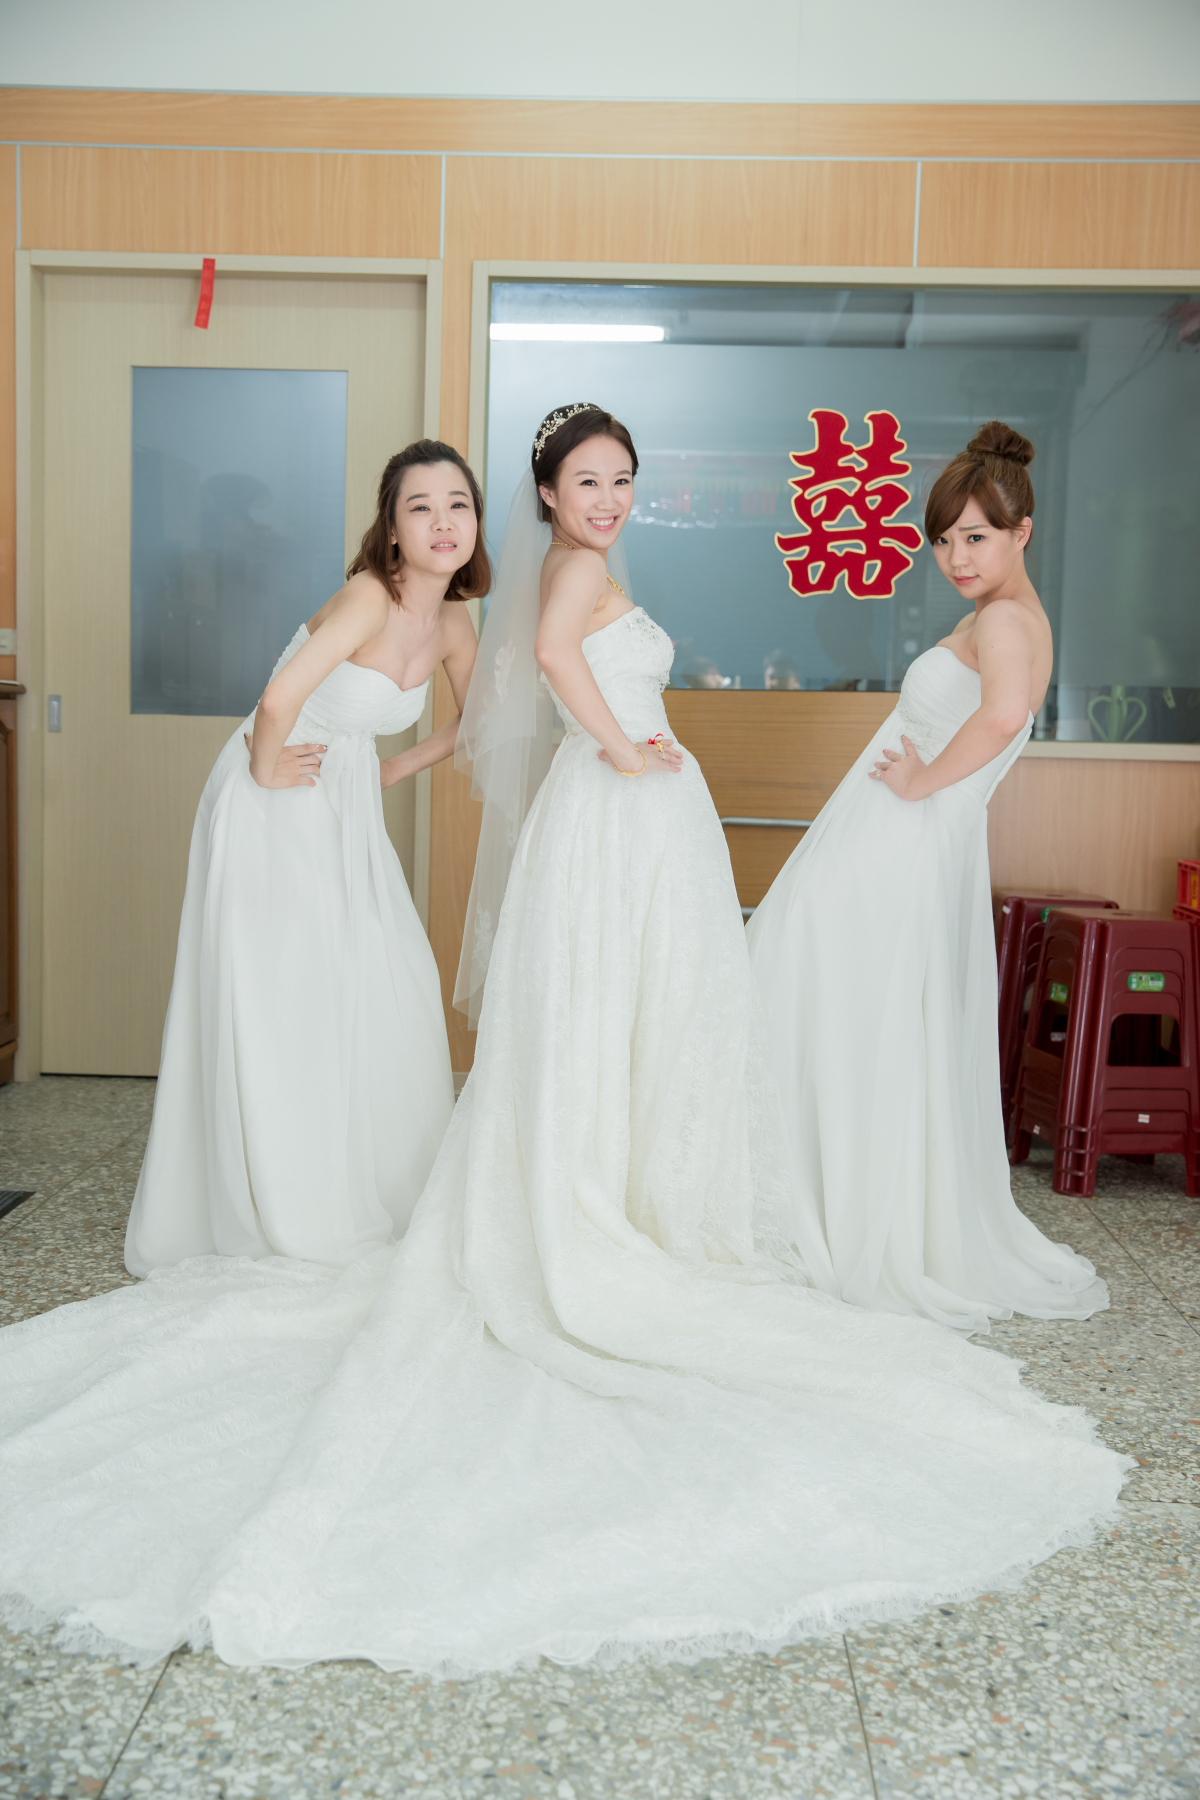 鴻璿鈺婷婚禮426